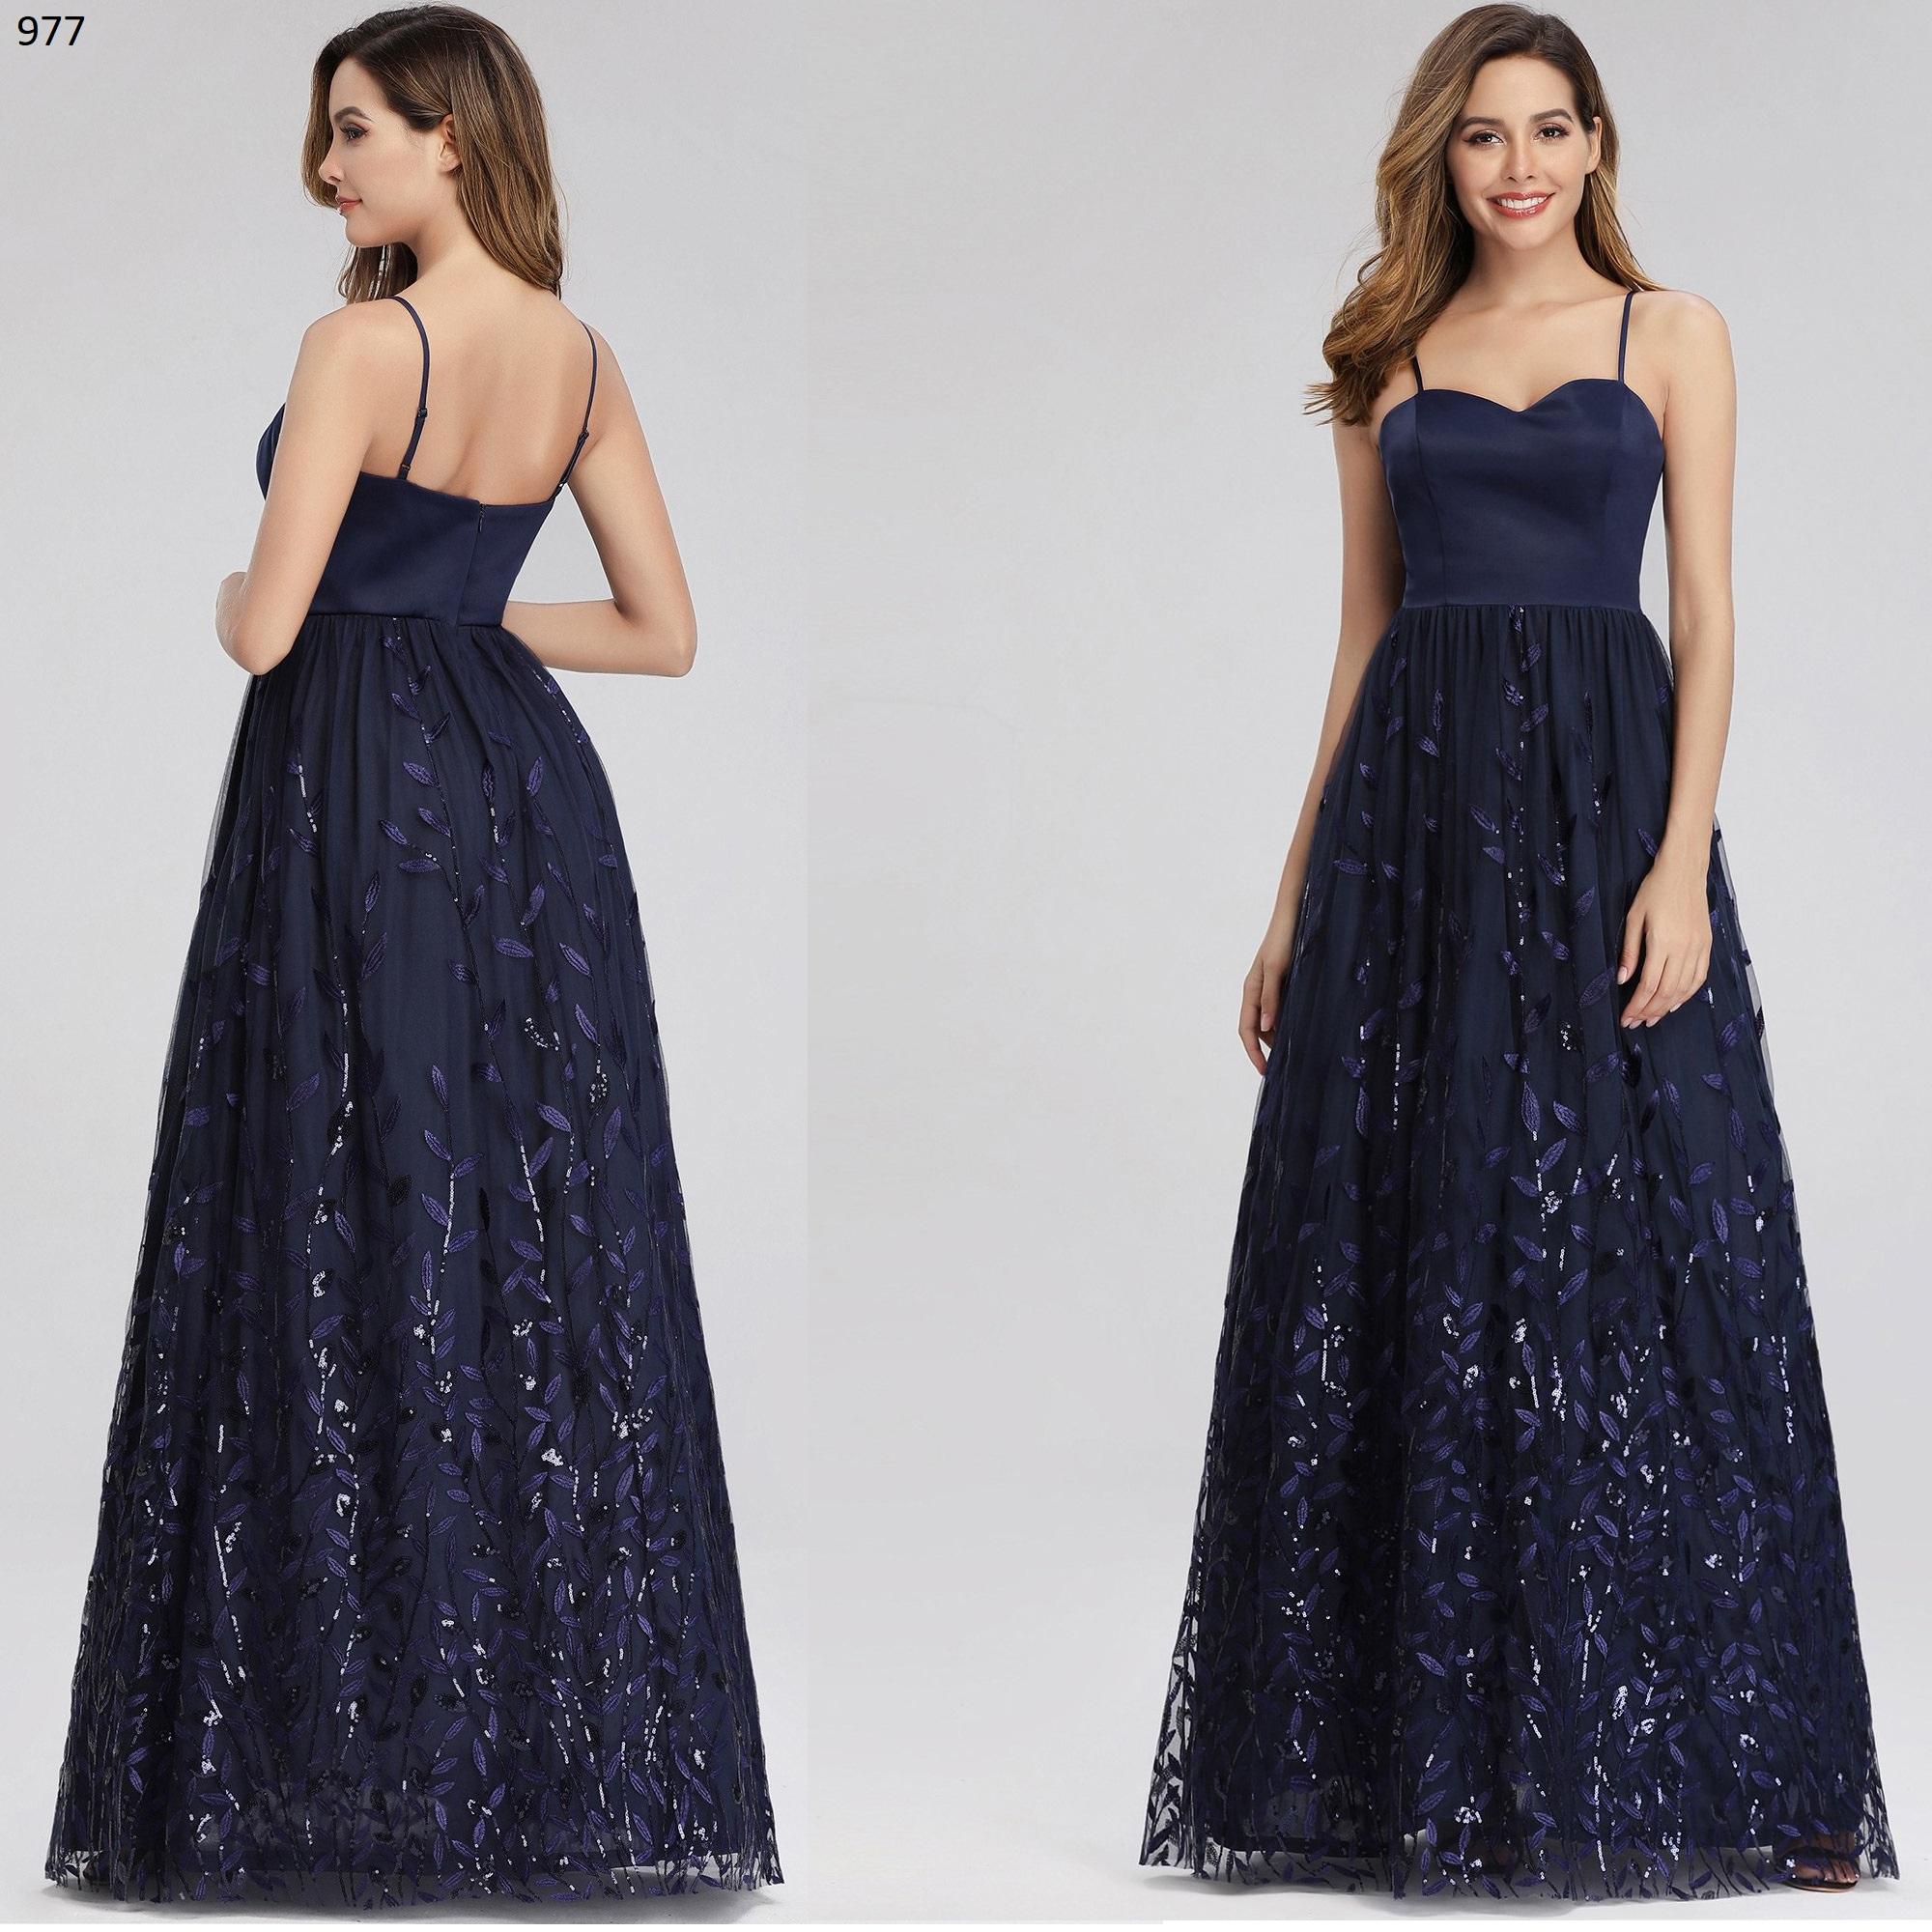 Vestido Largo 977 talla 42